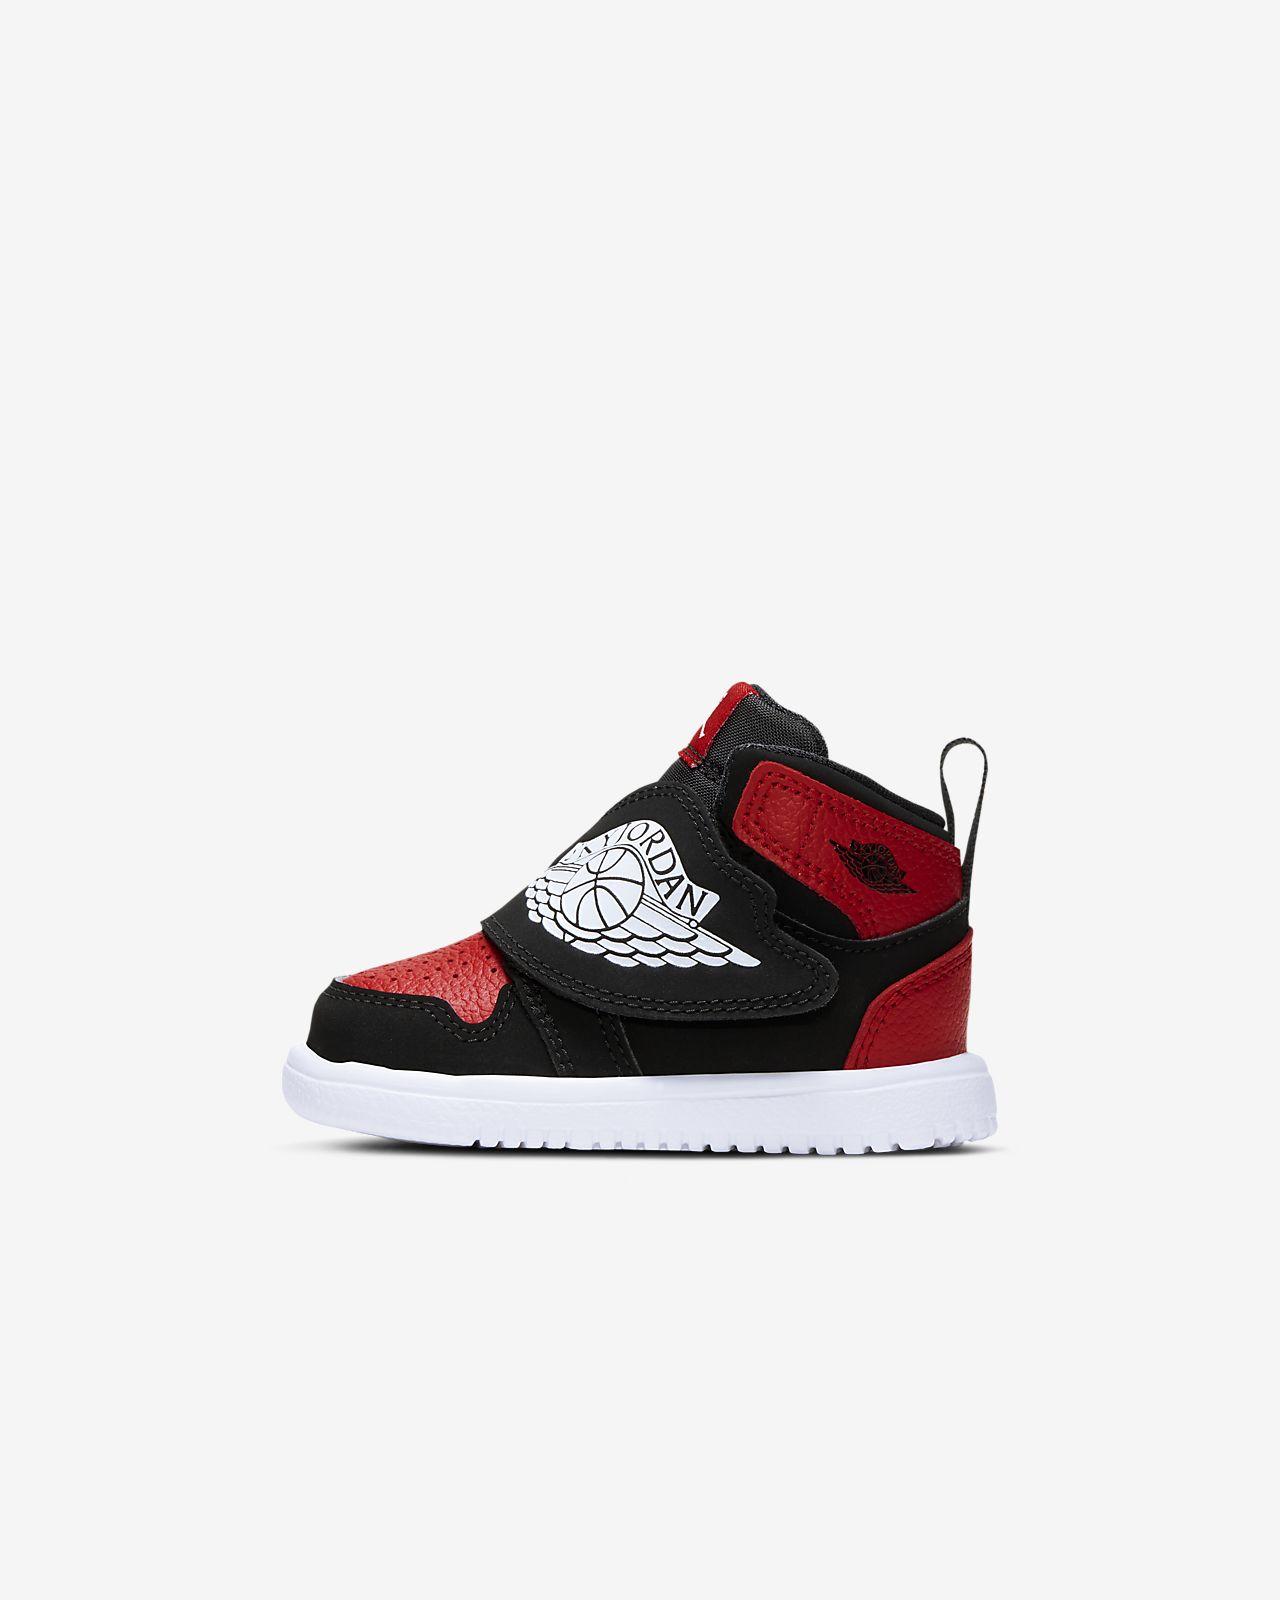 Buty dla niemowlątmaluchów Sky Jordan 1